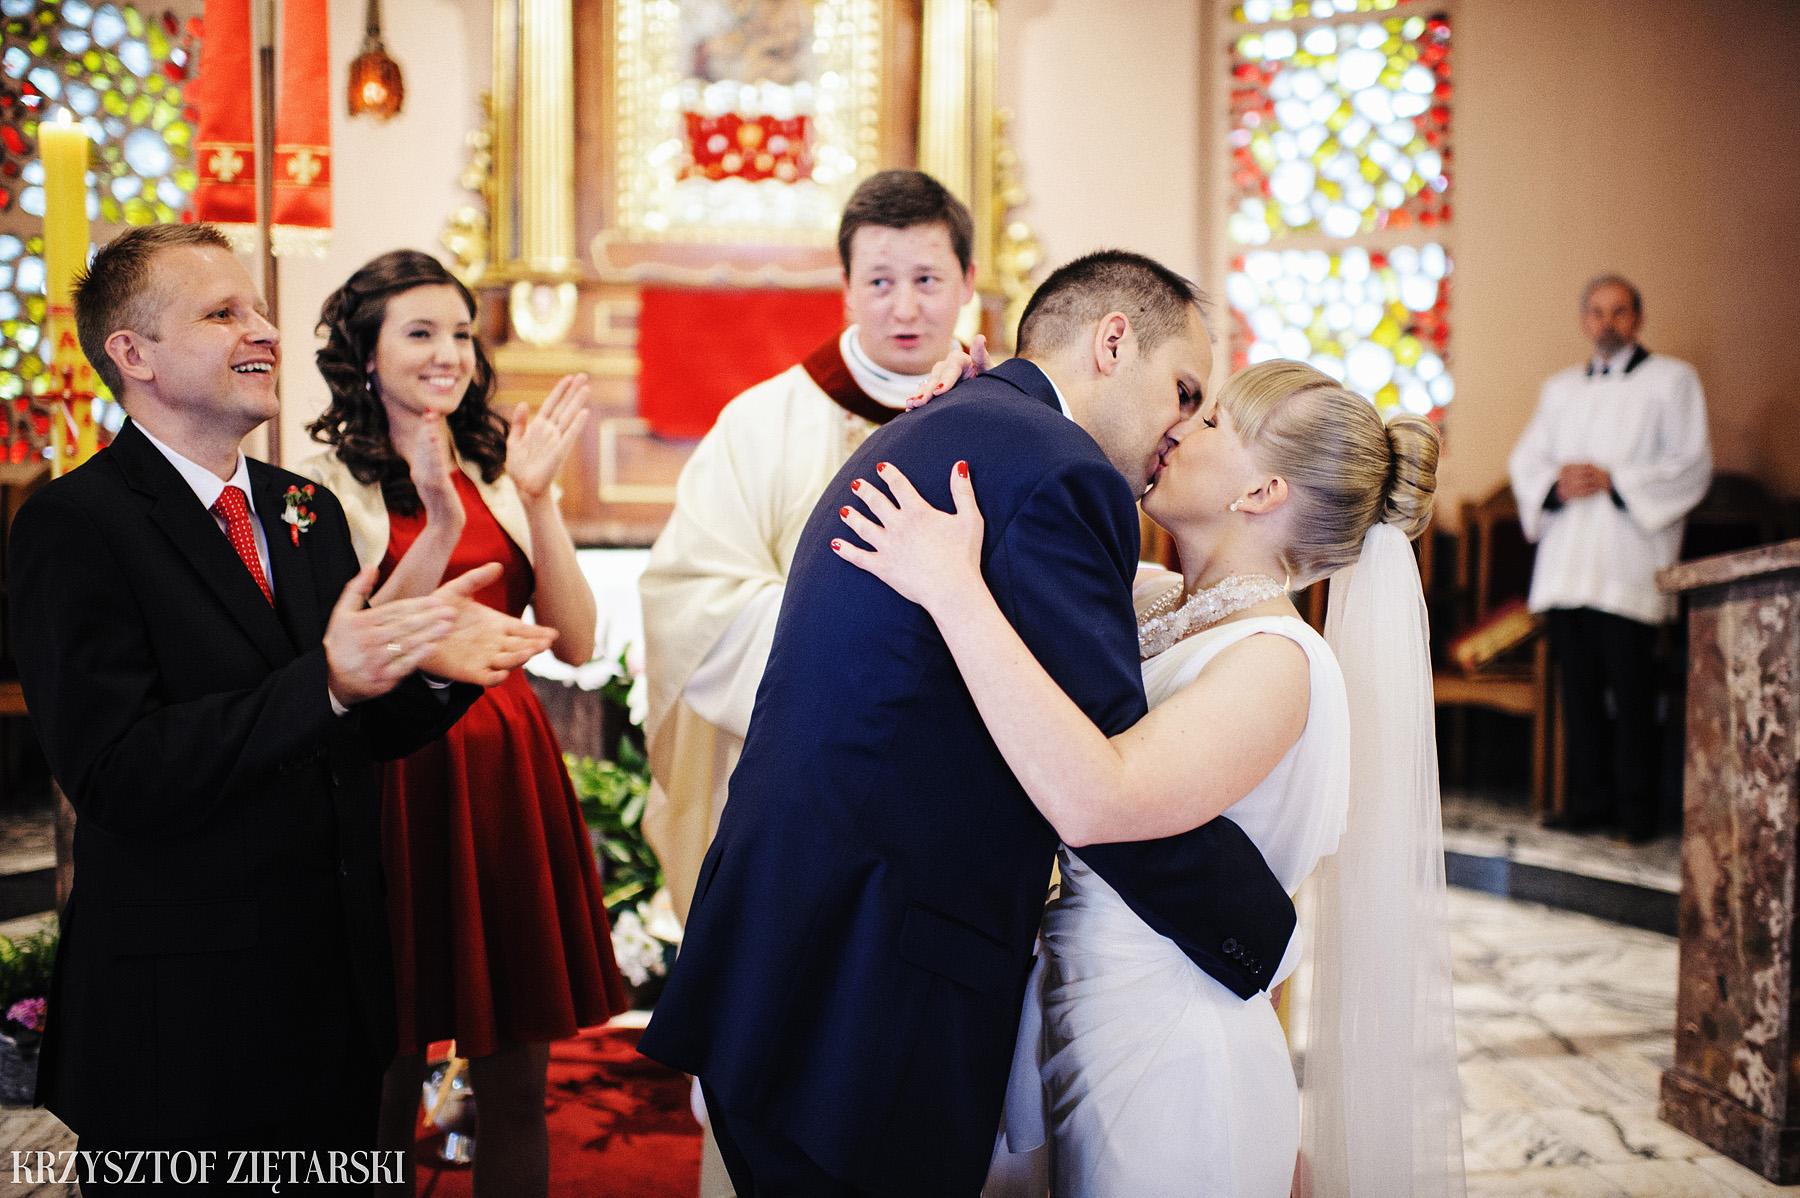 Ola i Grzegorz - Fotografia ślubna Gdynia, Kolegiata NMP, wesele restauracja COCO, plener na Darze Pomorza - 22.